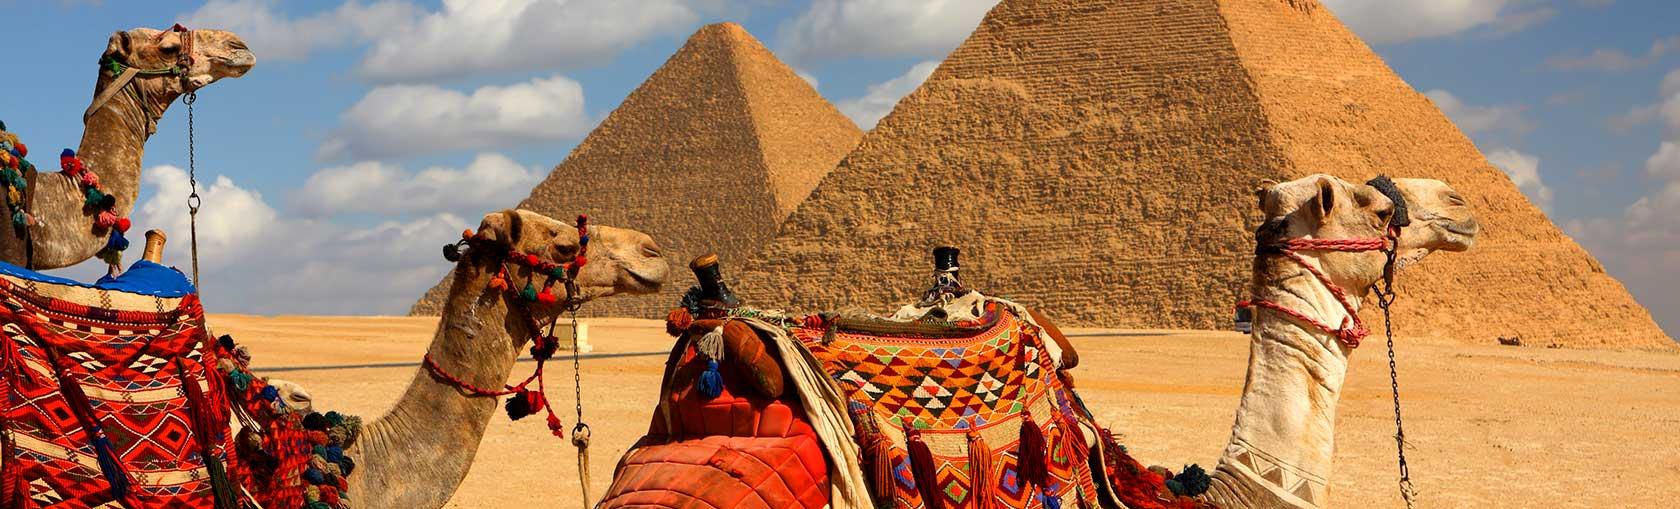 Let S Tour Egypt